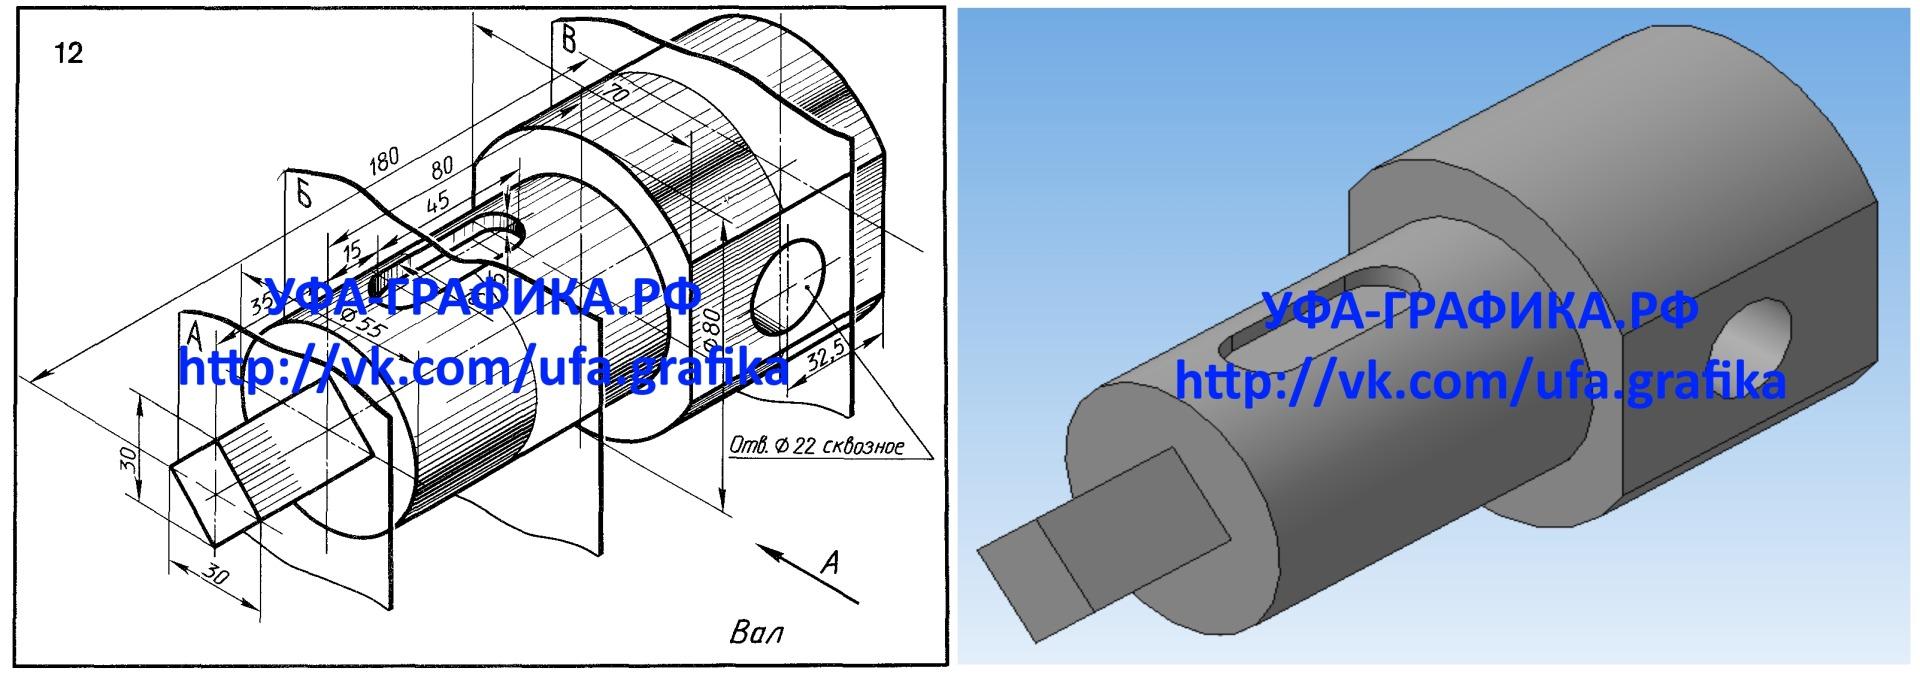 Сечения вала - Вариант 12, чертежи, деталирование, 3Д модели, начертательная геометрия, инженерная графика